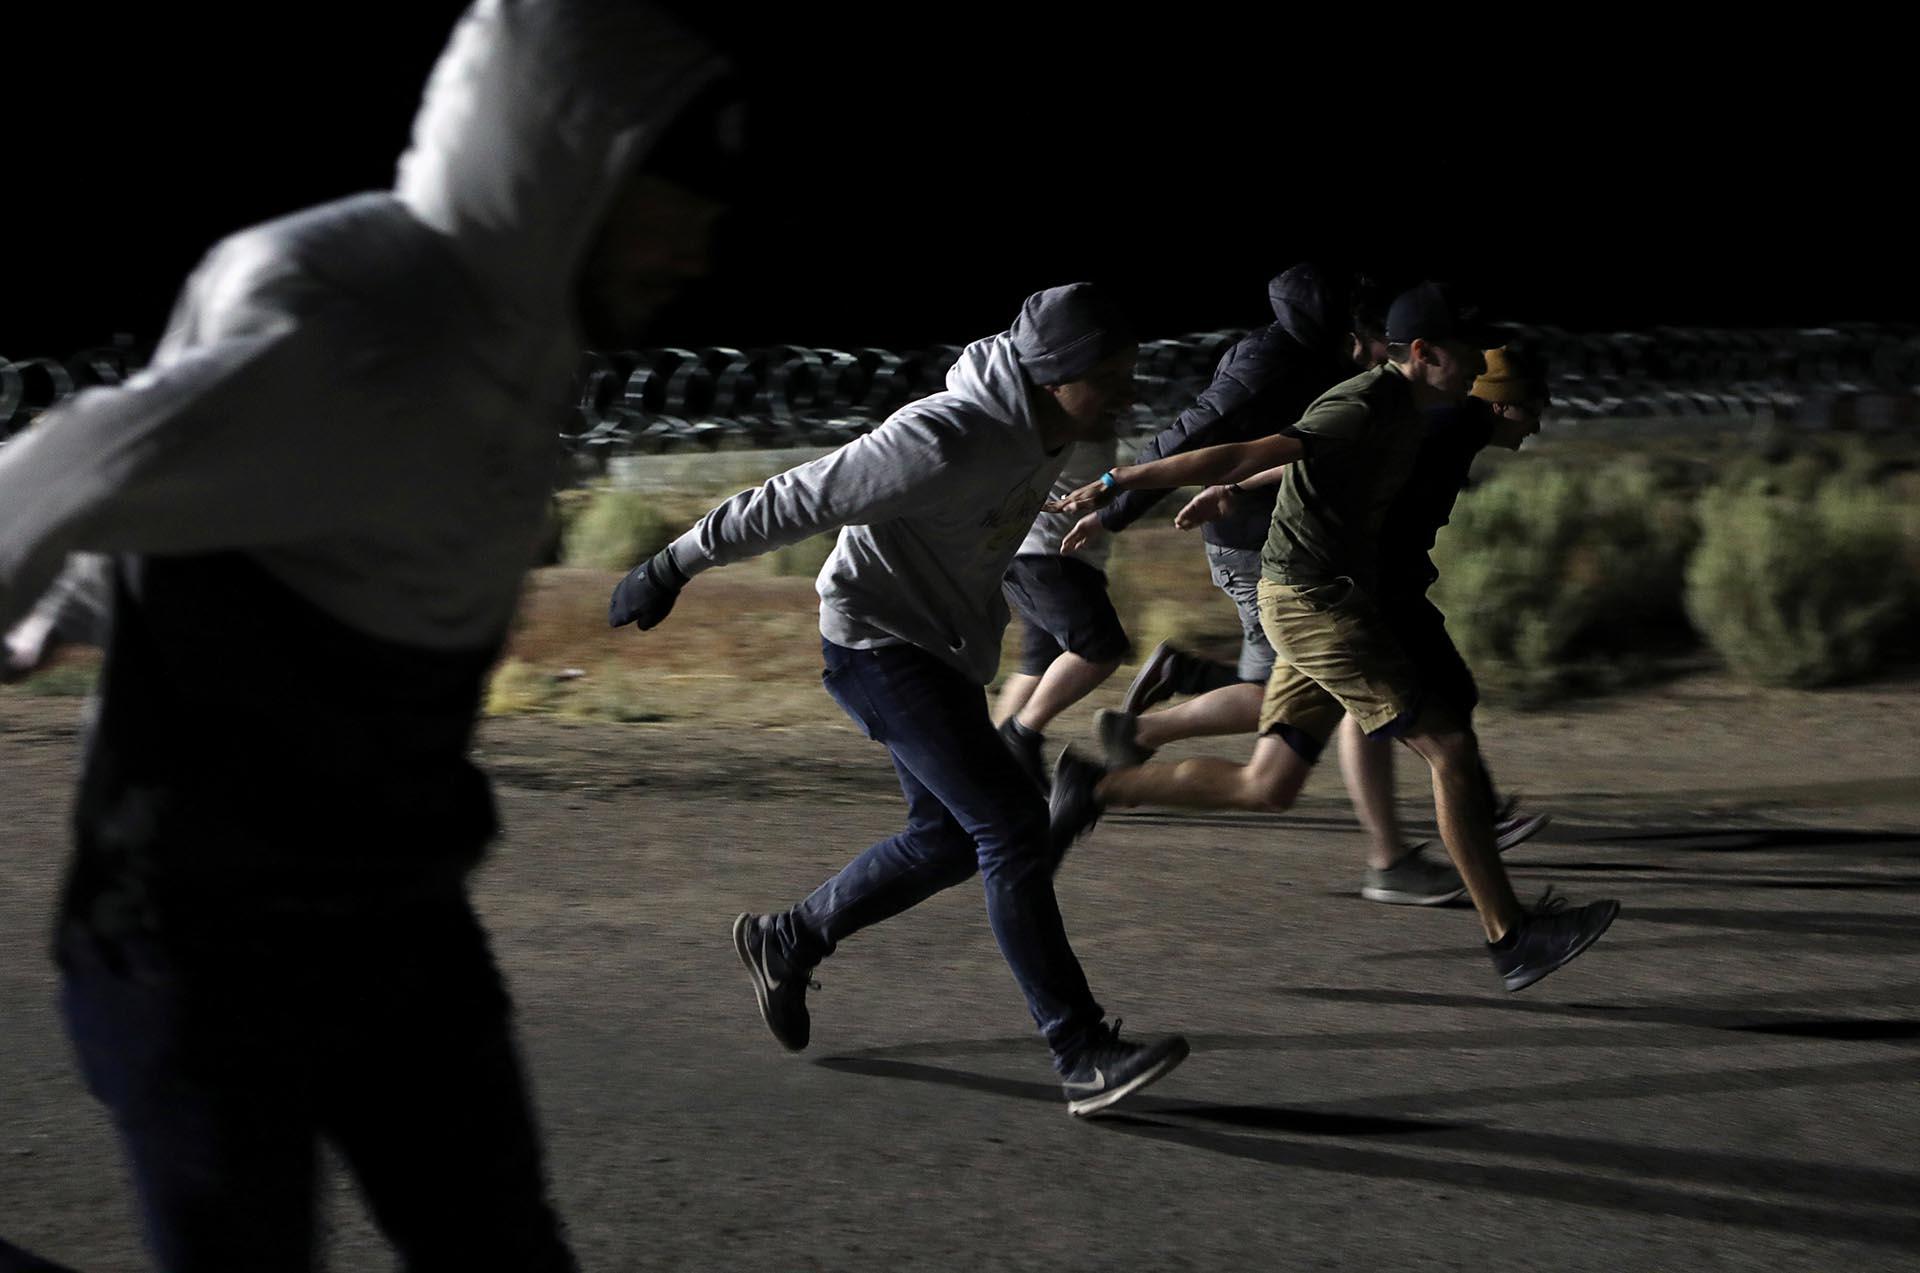 """Varios jóvenes se divirtieron haciendo """"la corrida de Naruto"""" frente a la base militar en Nevada, Estados Unidos (REUTERS/Jim Urquhart)"""